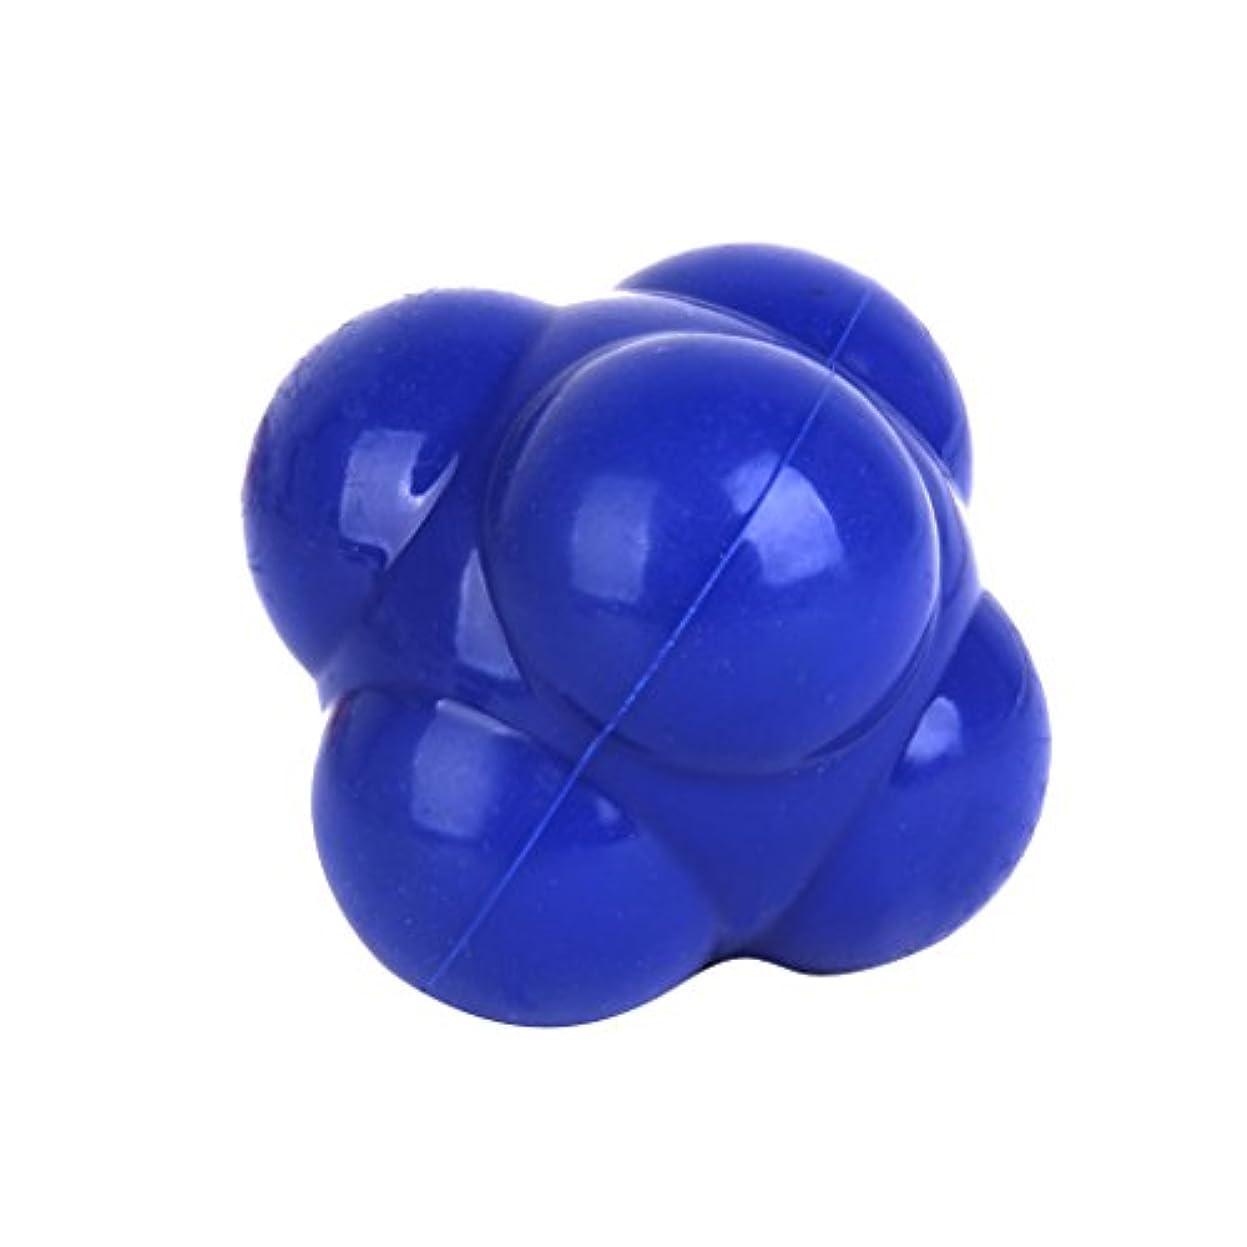 目指す頑固な惑星【ノーブランド品】六角反応ボール 六角マッサージボール 反射運動トレーニング 青